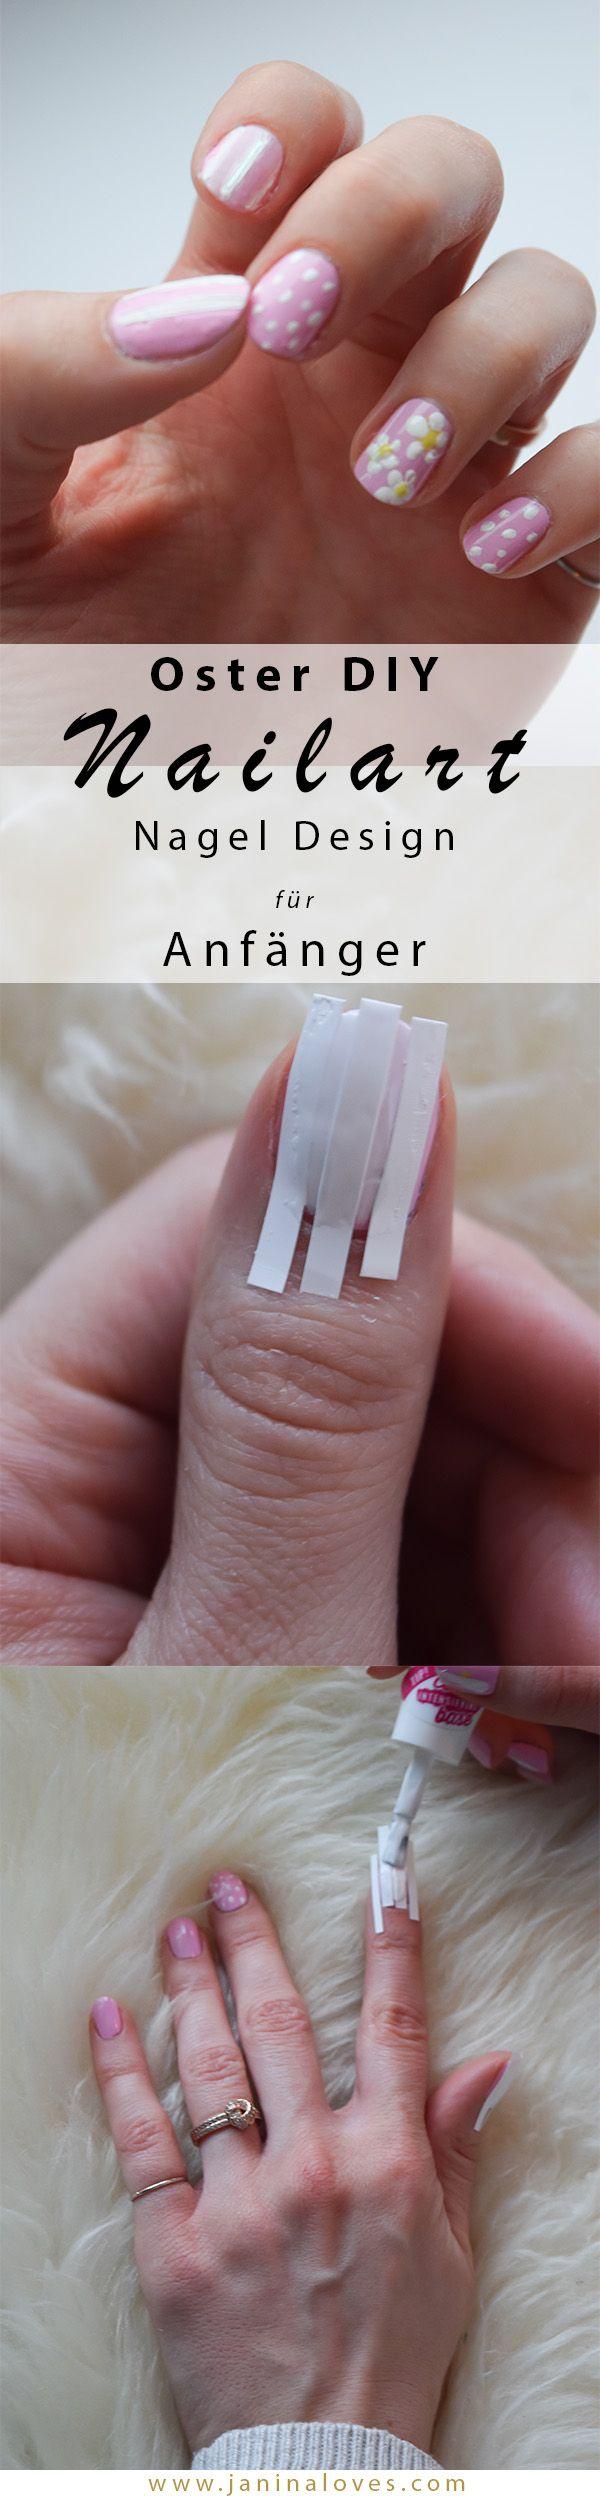 DIY Nailart: einfaches Nagel Design zu Ostern